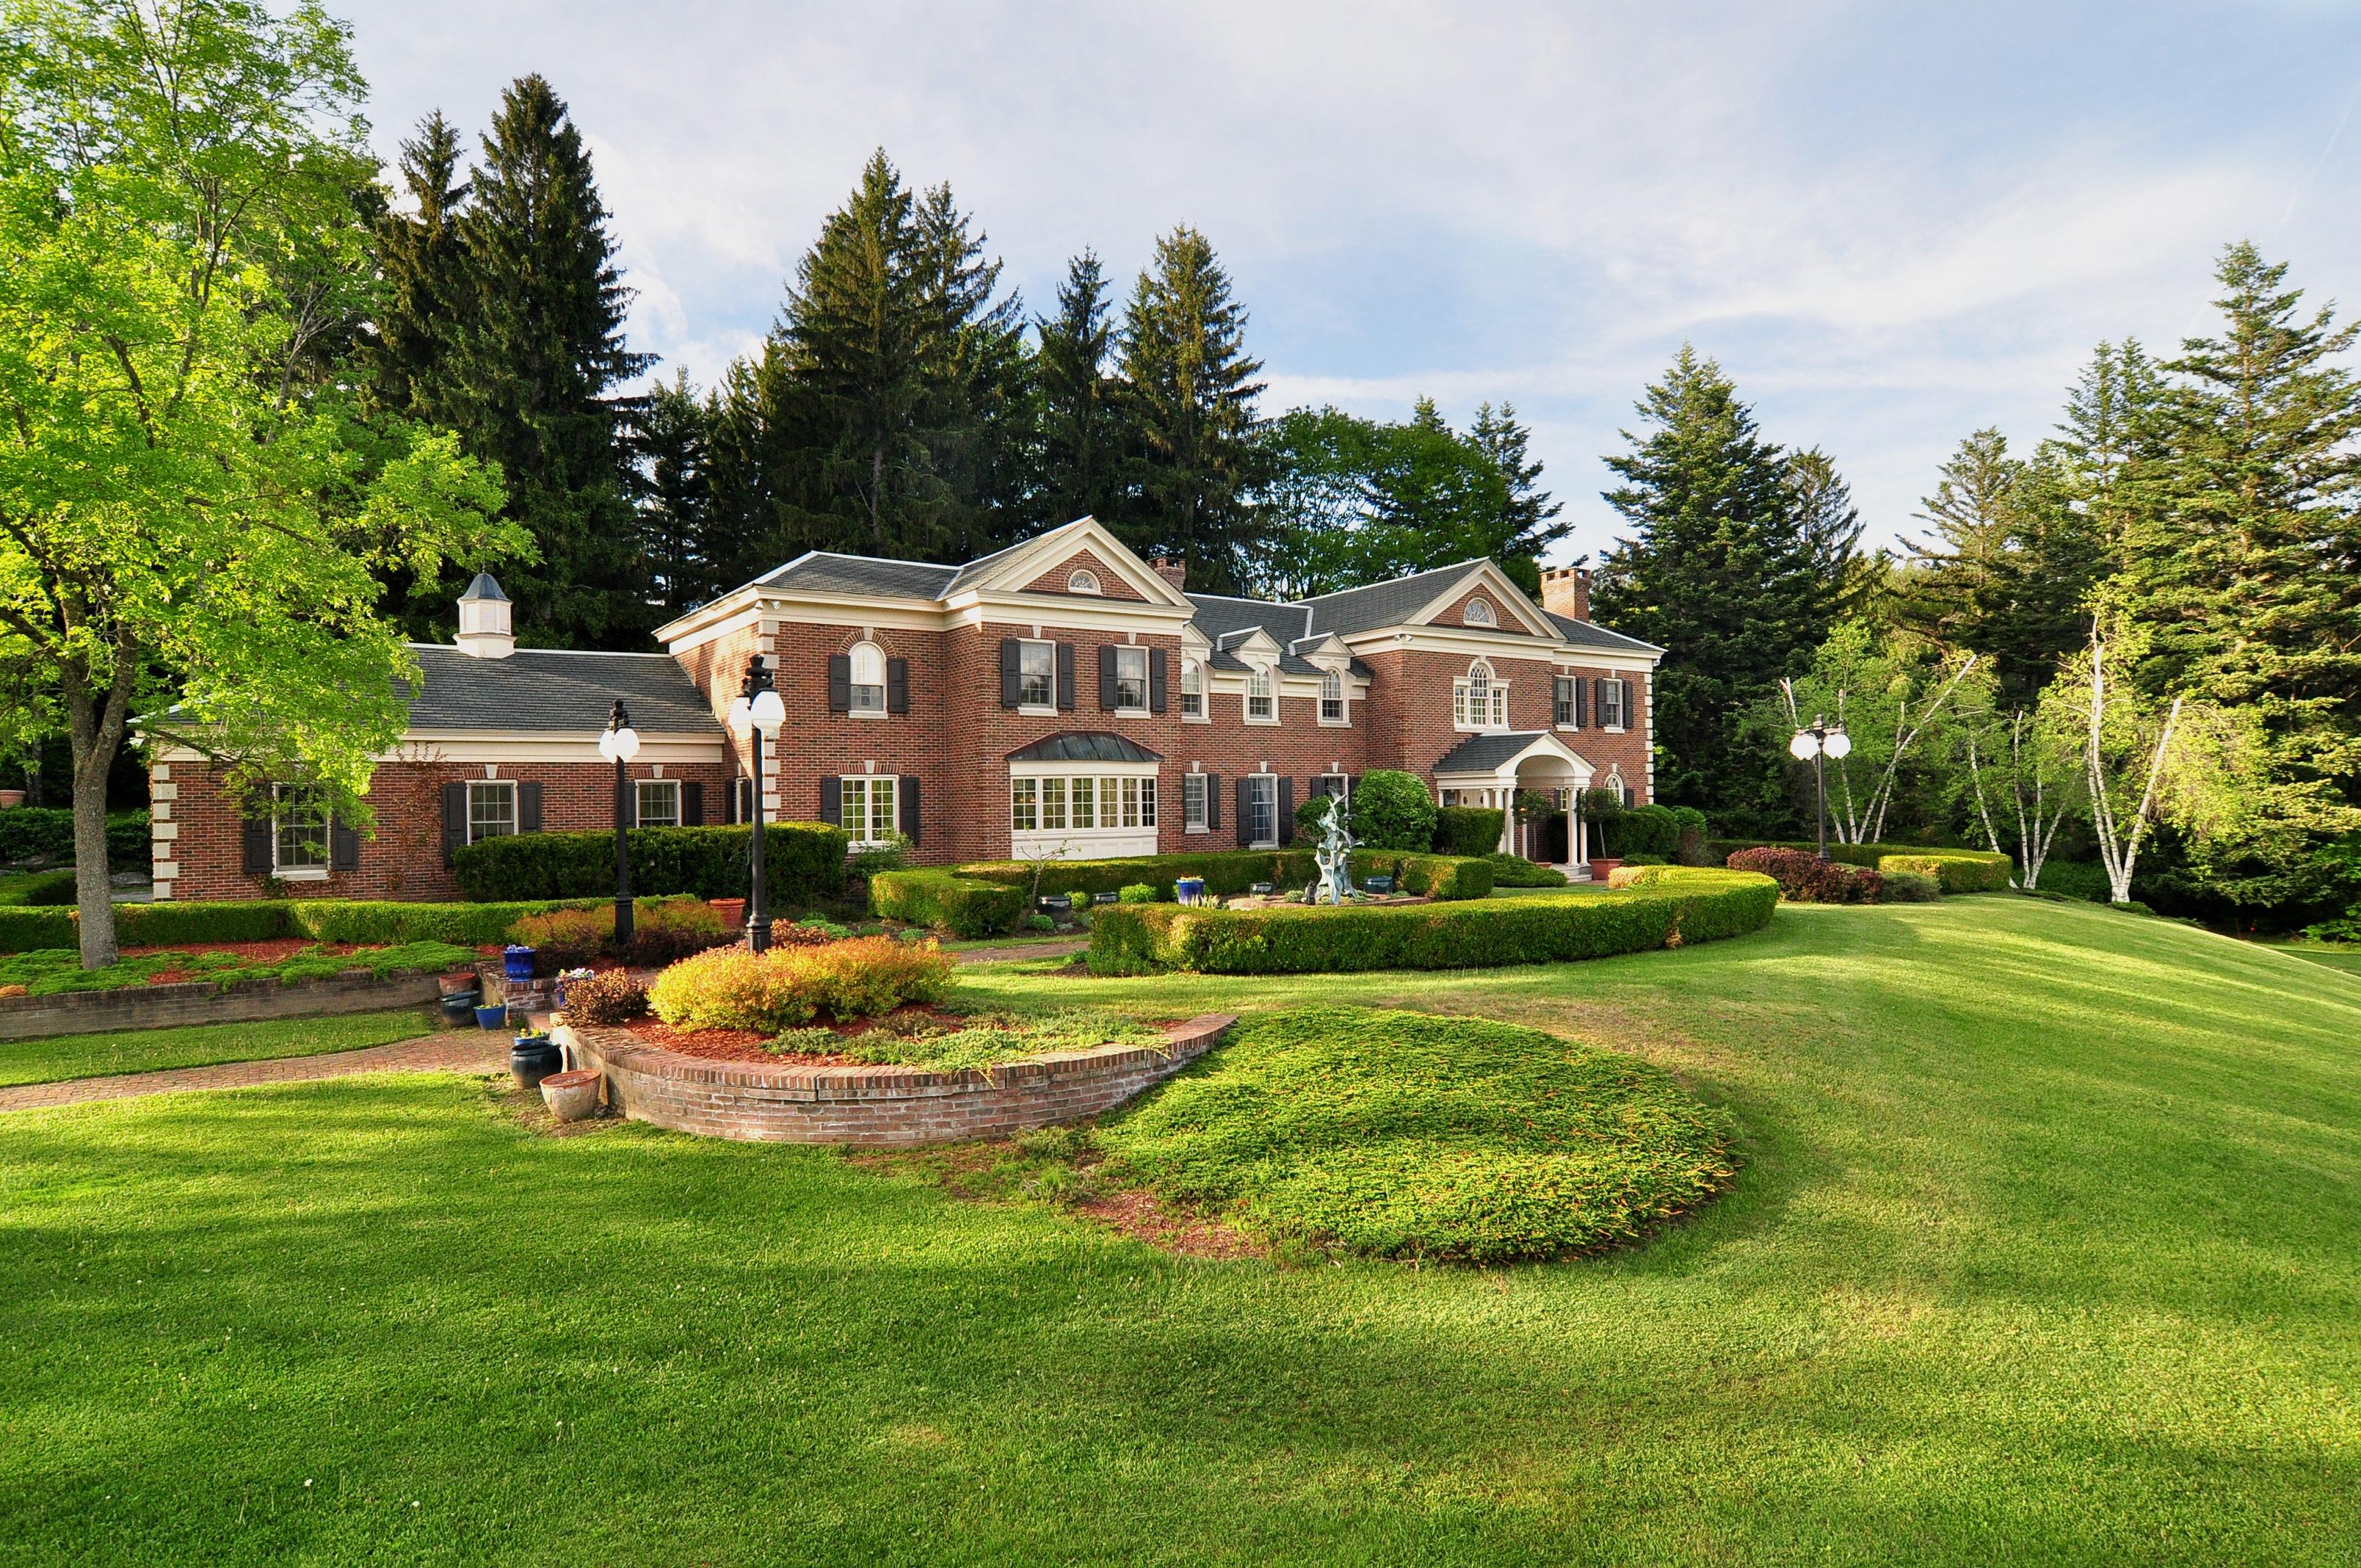 Maison unifamiliale pour l Vente à Spectacular 36-acre Estate Steps from Tanglewood 79 Hawthorne St Stockbridge, Massachusetts 01262 États-Unis